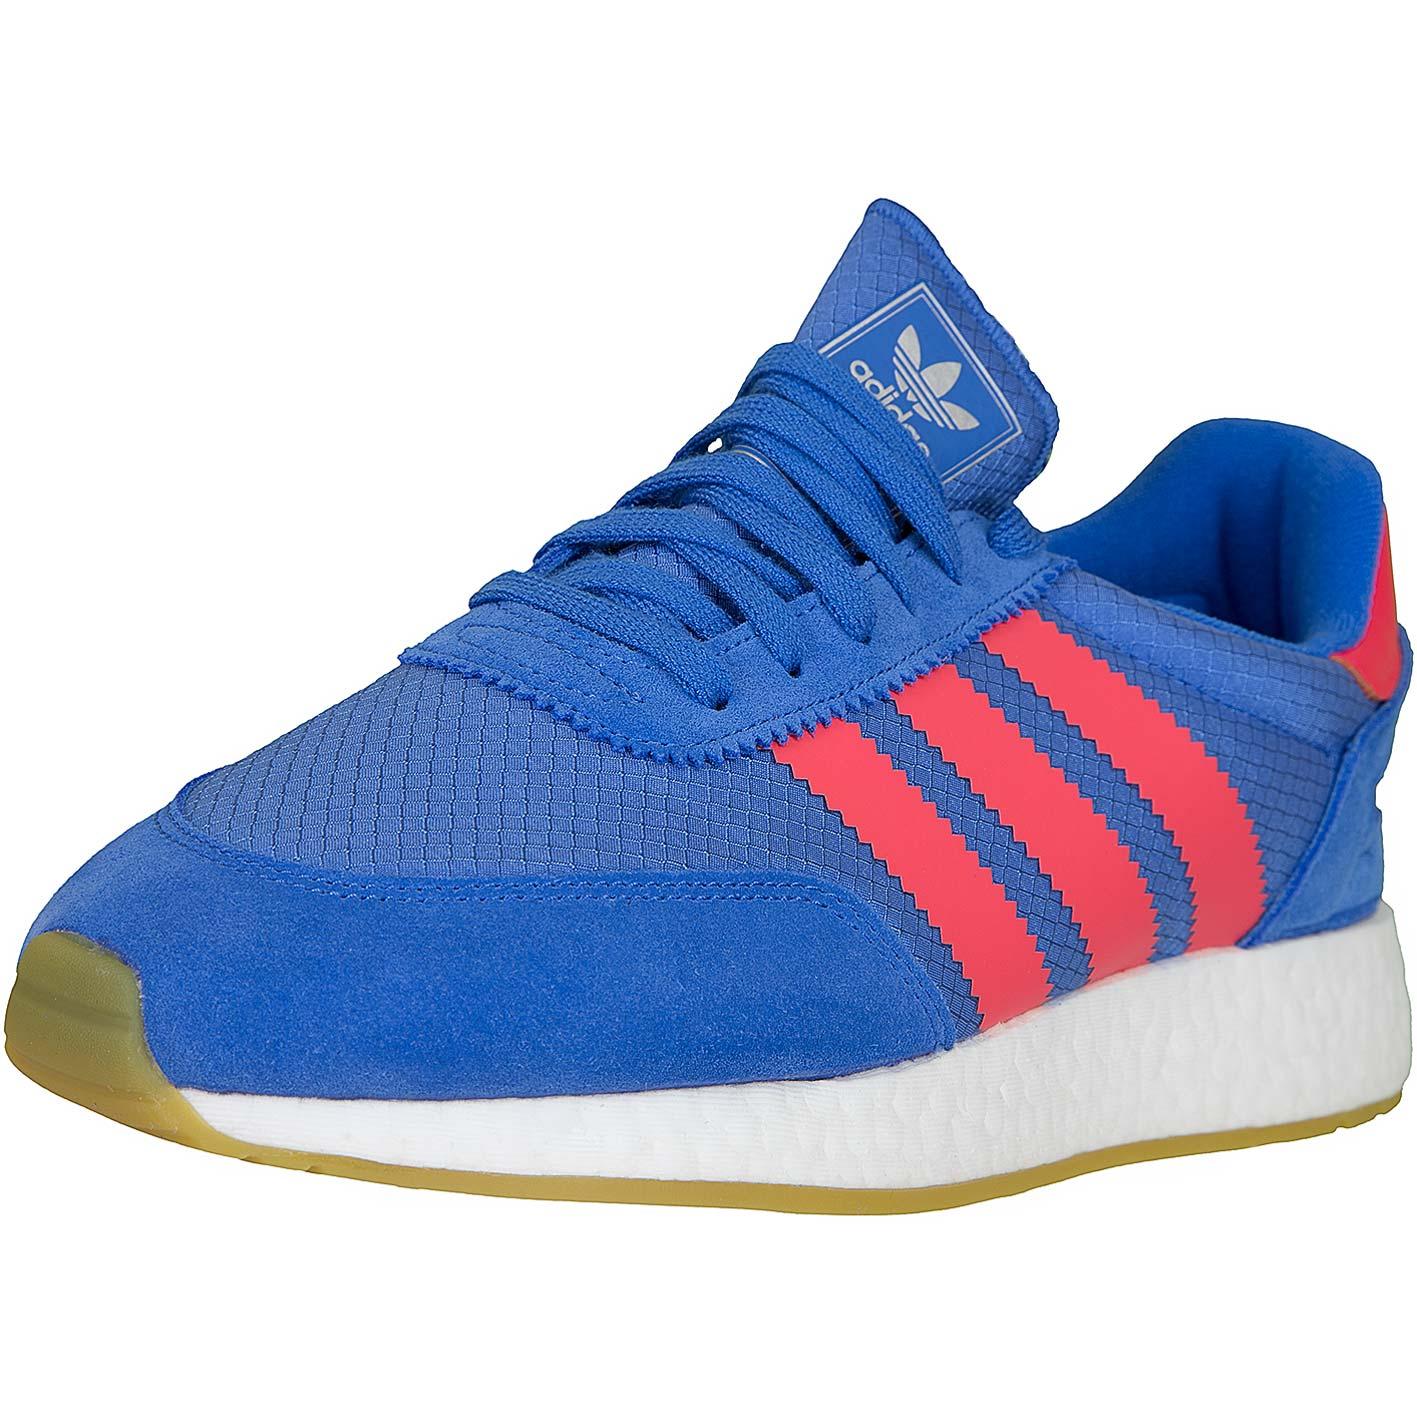 I 5923 Schuh Originals Adidas weiß Herren Weiß true